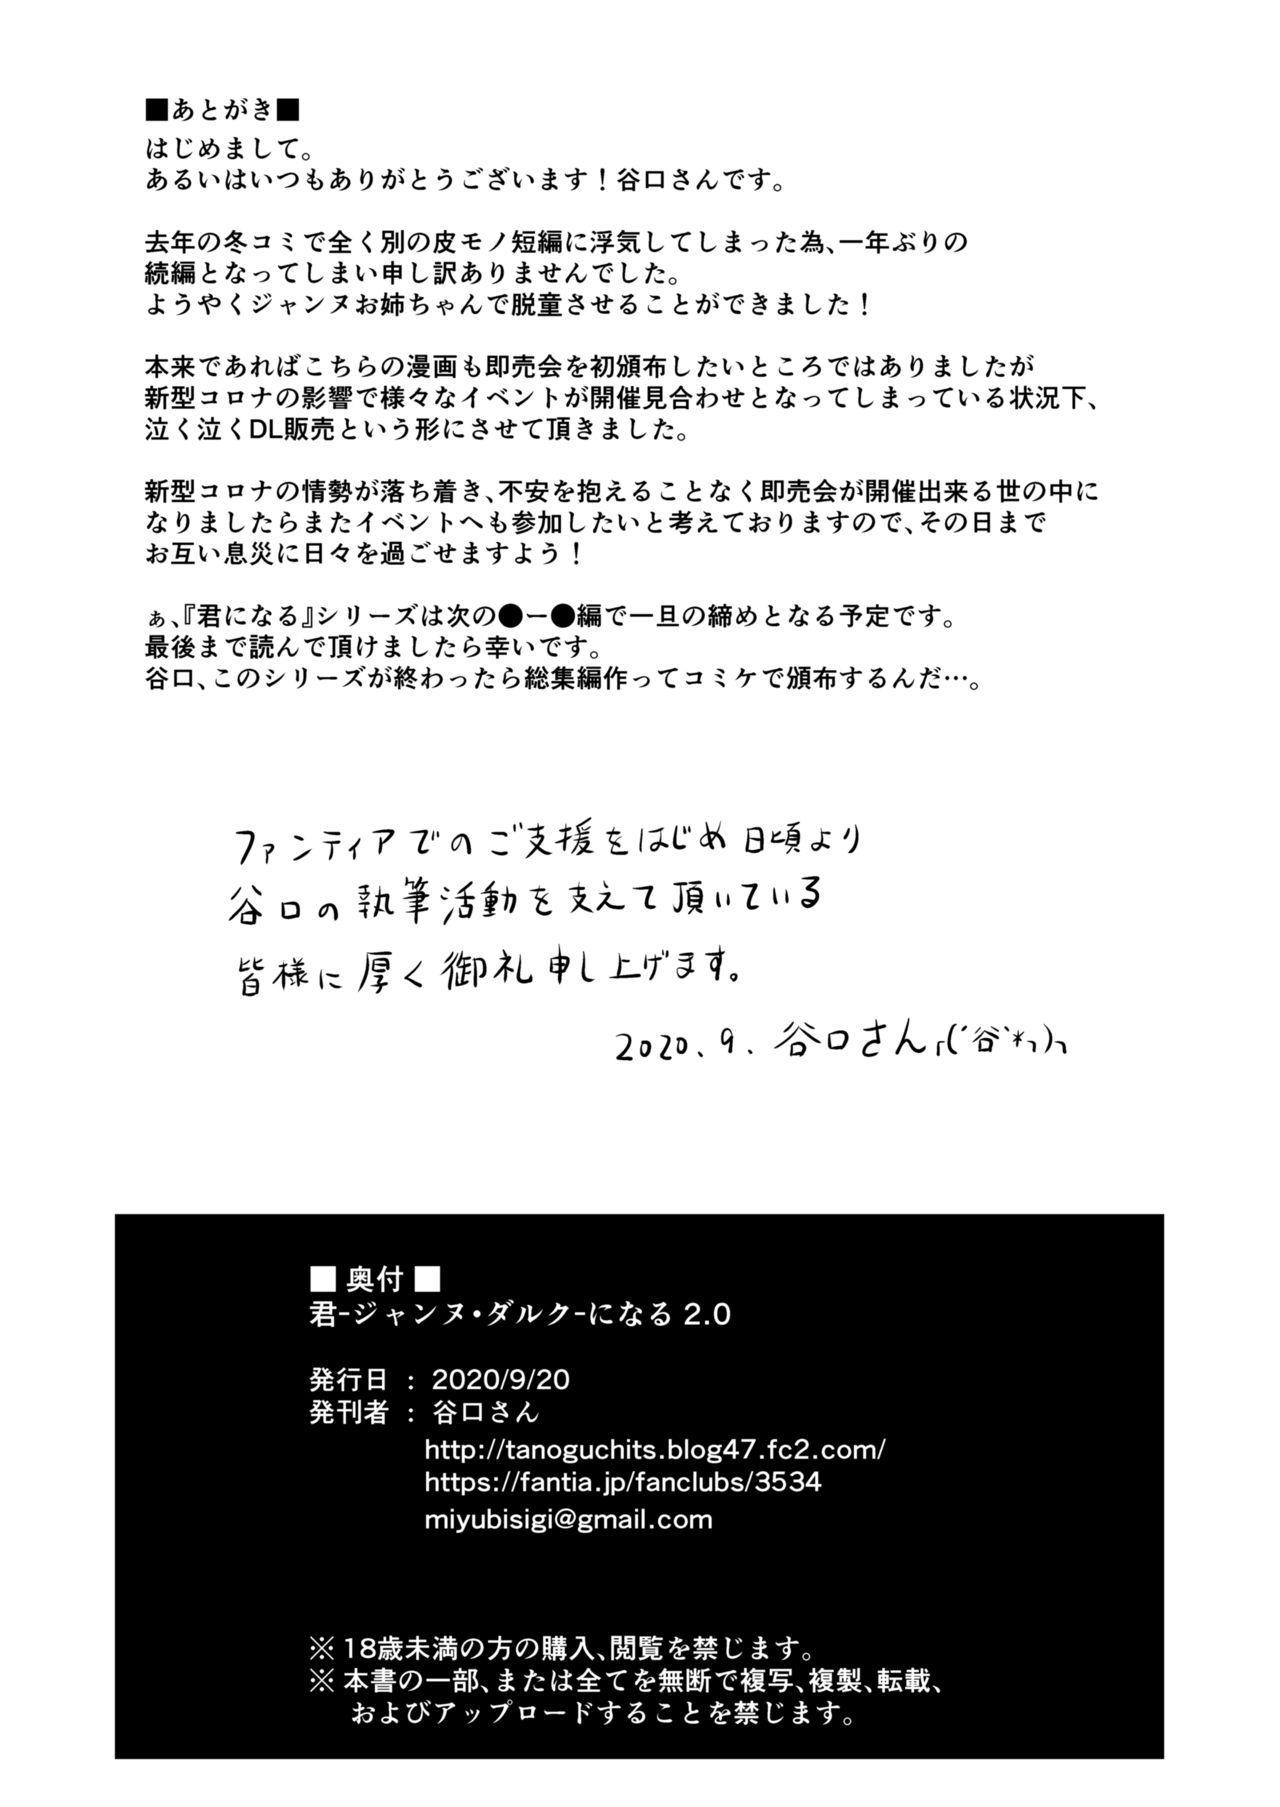 [Taniguchi-san] Kimi -Jeanne- ni Naru 2.0 (Fate/Grand Order) 24